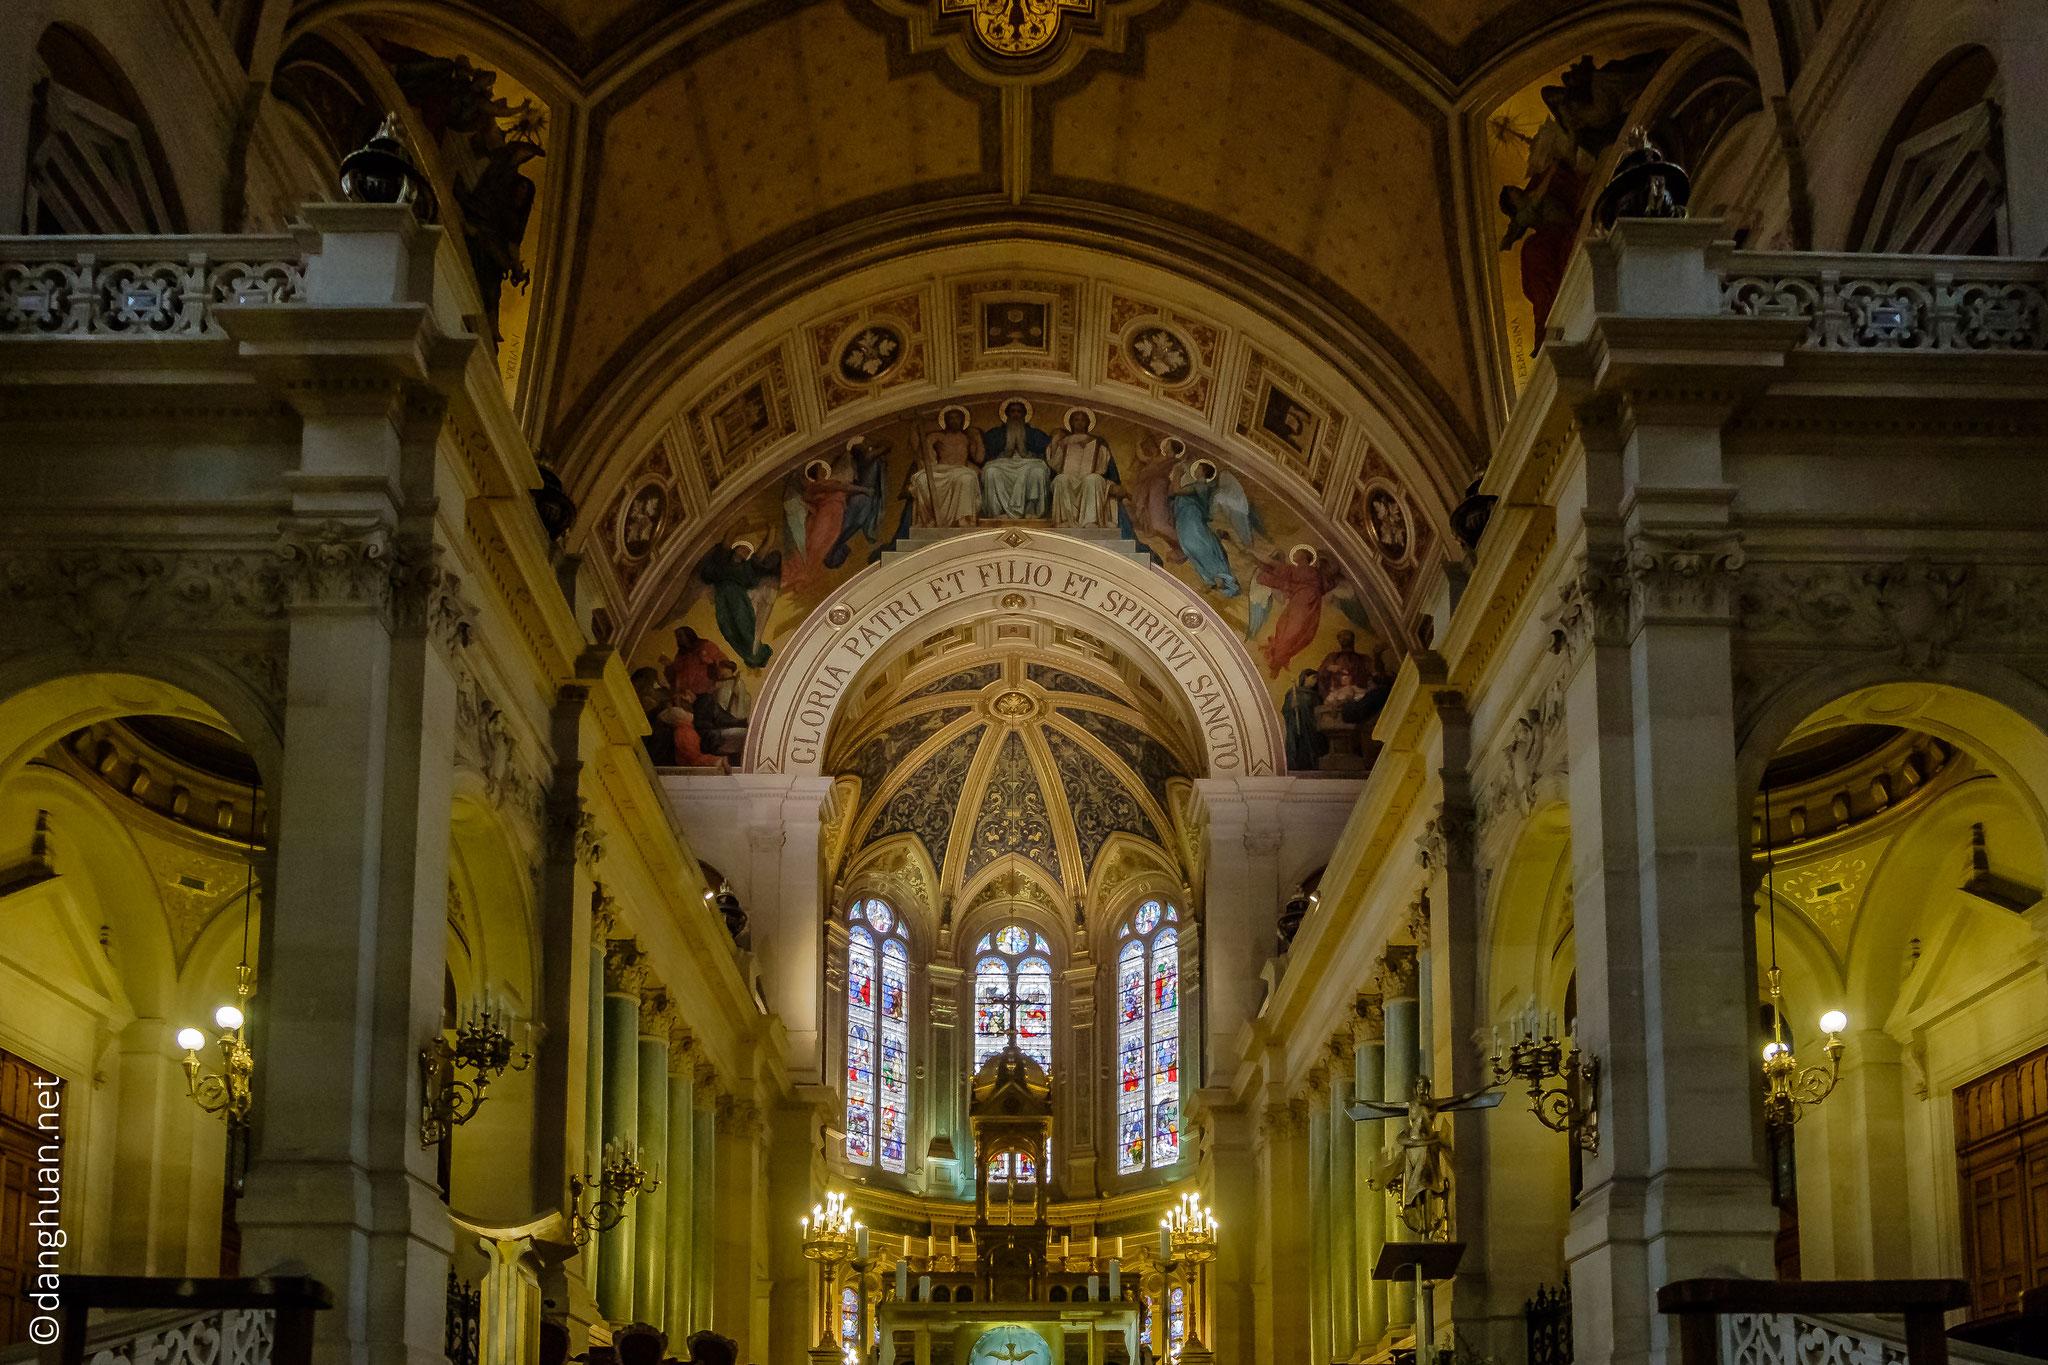 Intérieur de l'église de la Trinité où le compositeur Olivier Messiaen fut l'organiste pendant une quarantaine d'années.